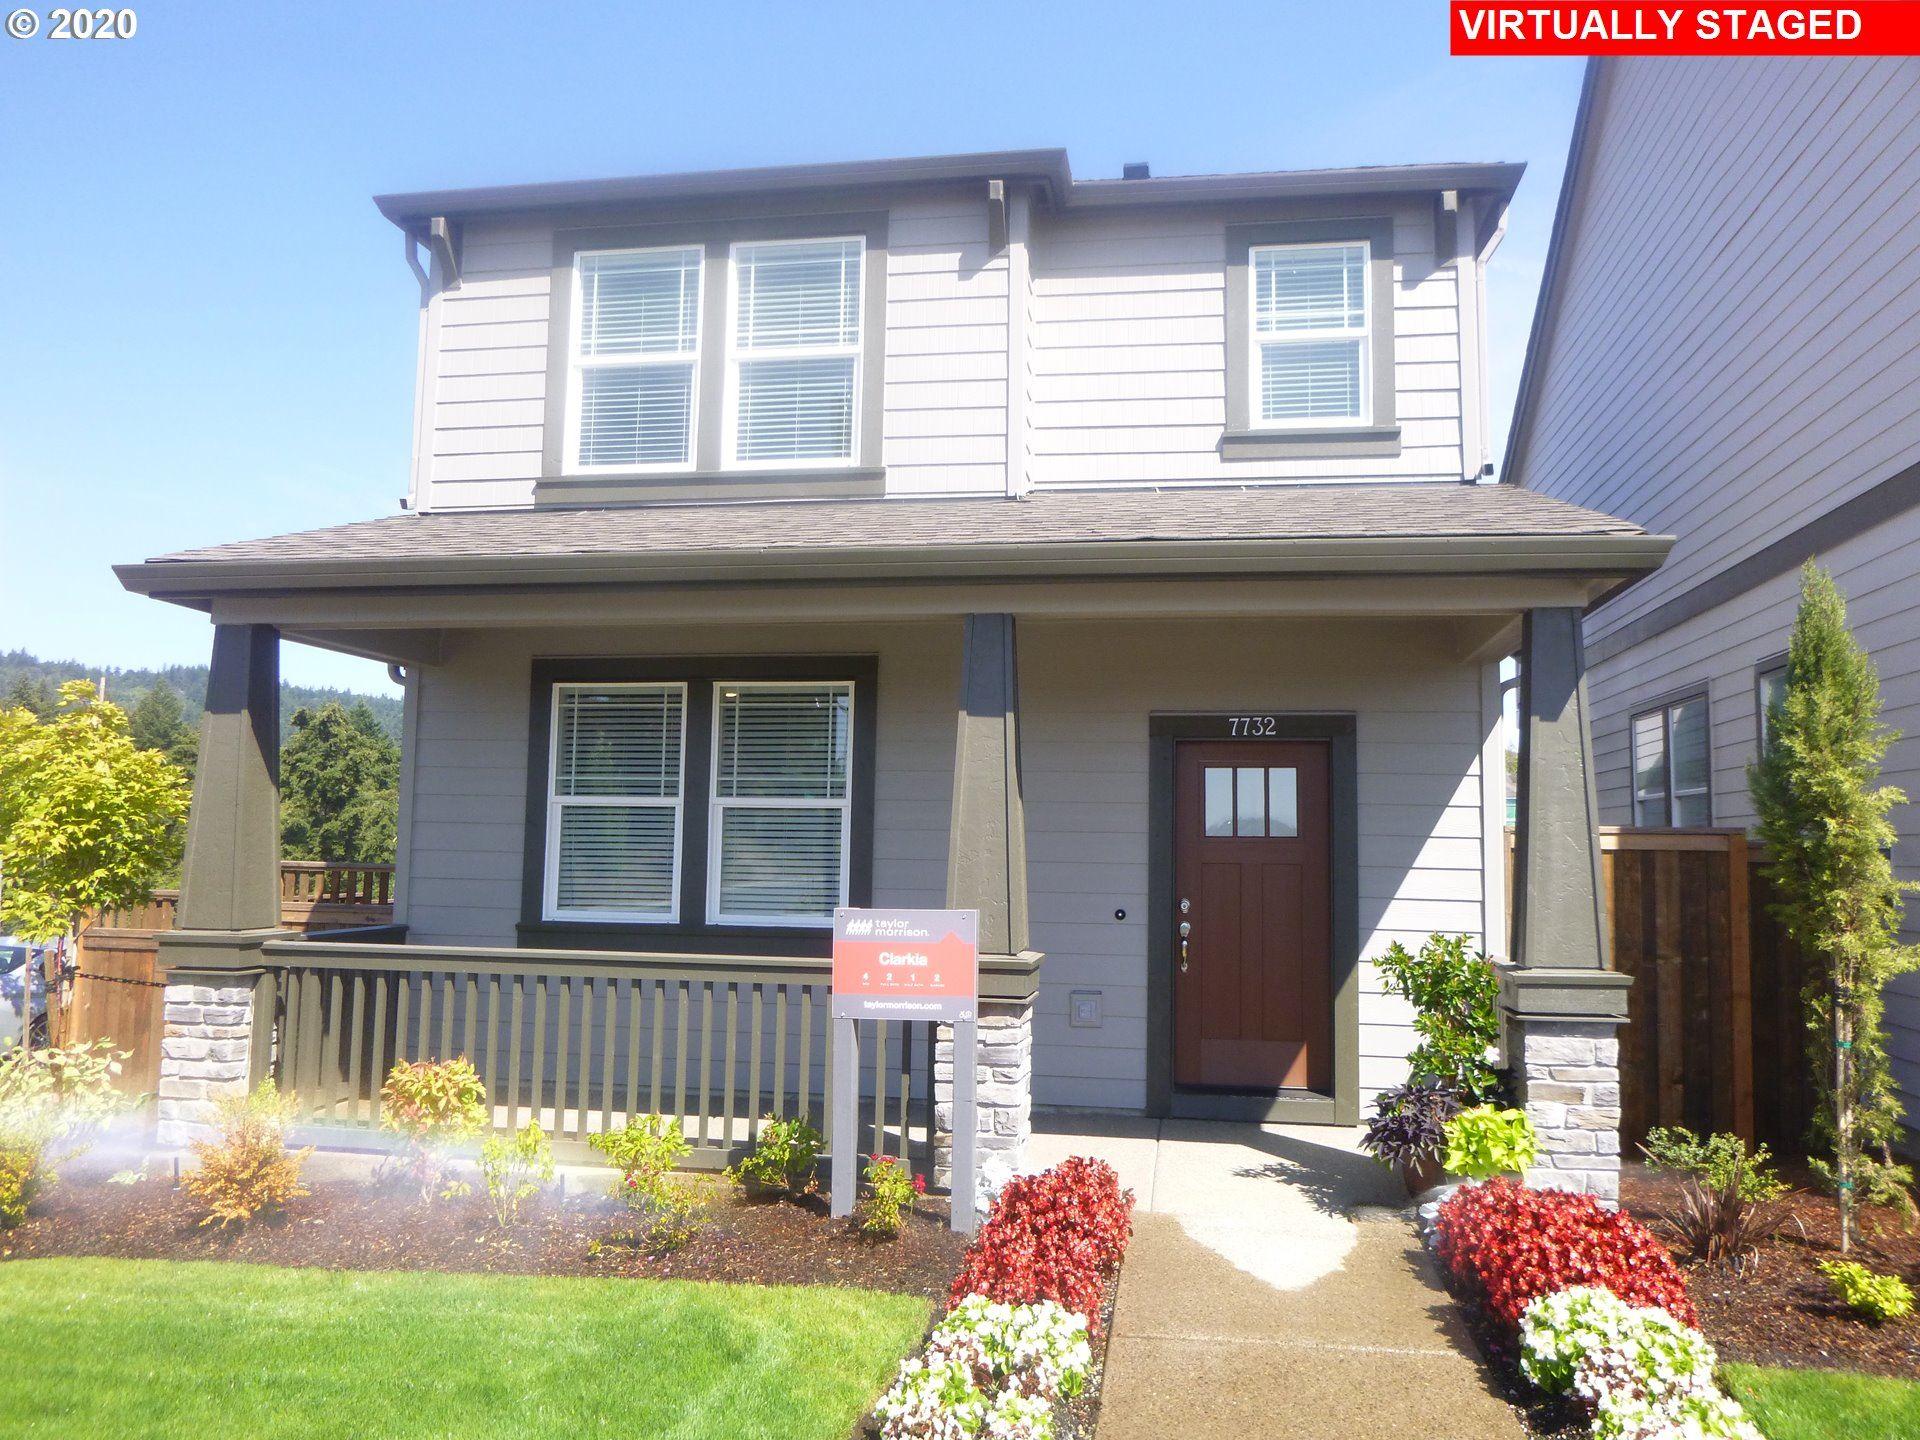 7518 NW LAUREN AVE, Portland, OR 97229 - MLS#: 20620864